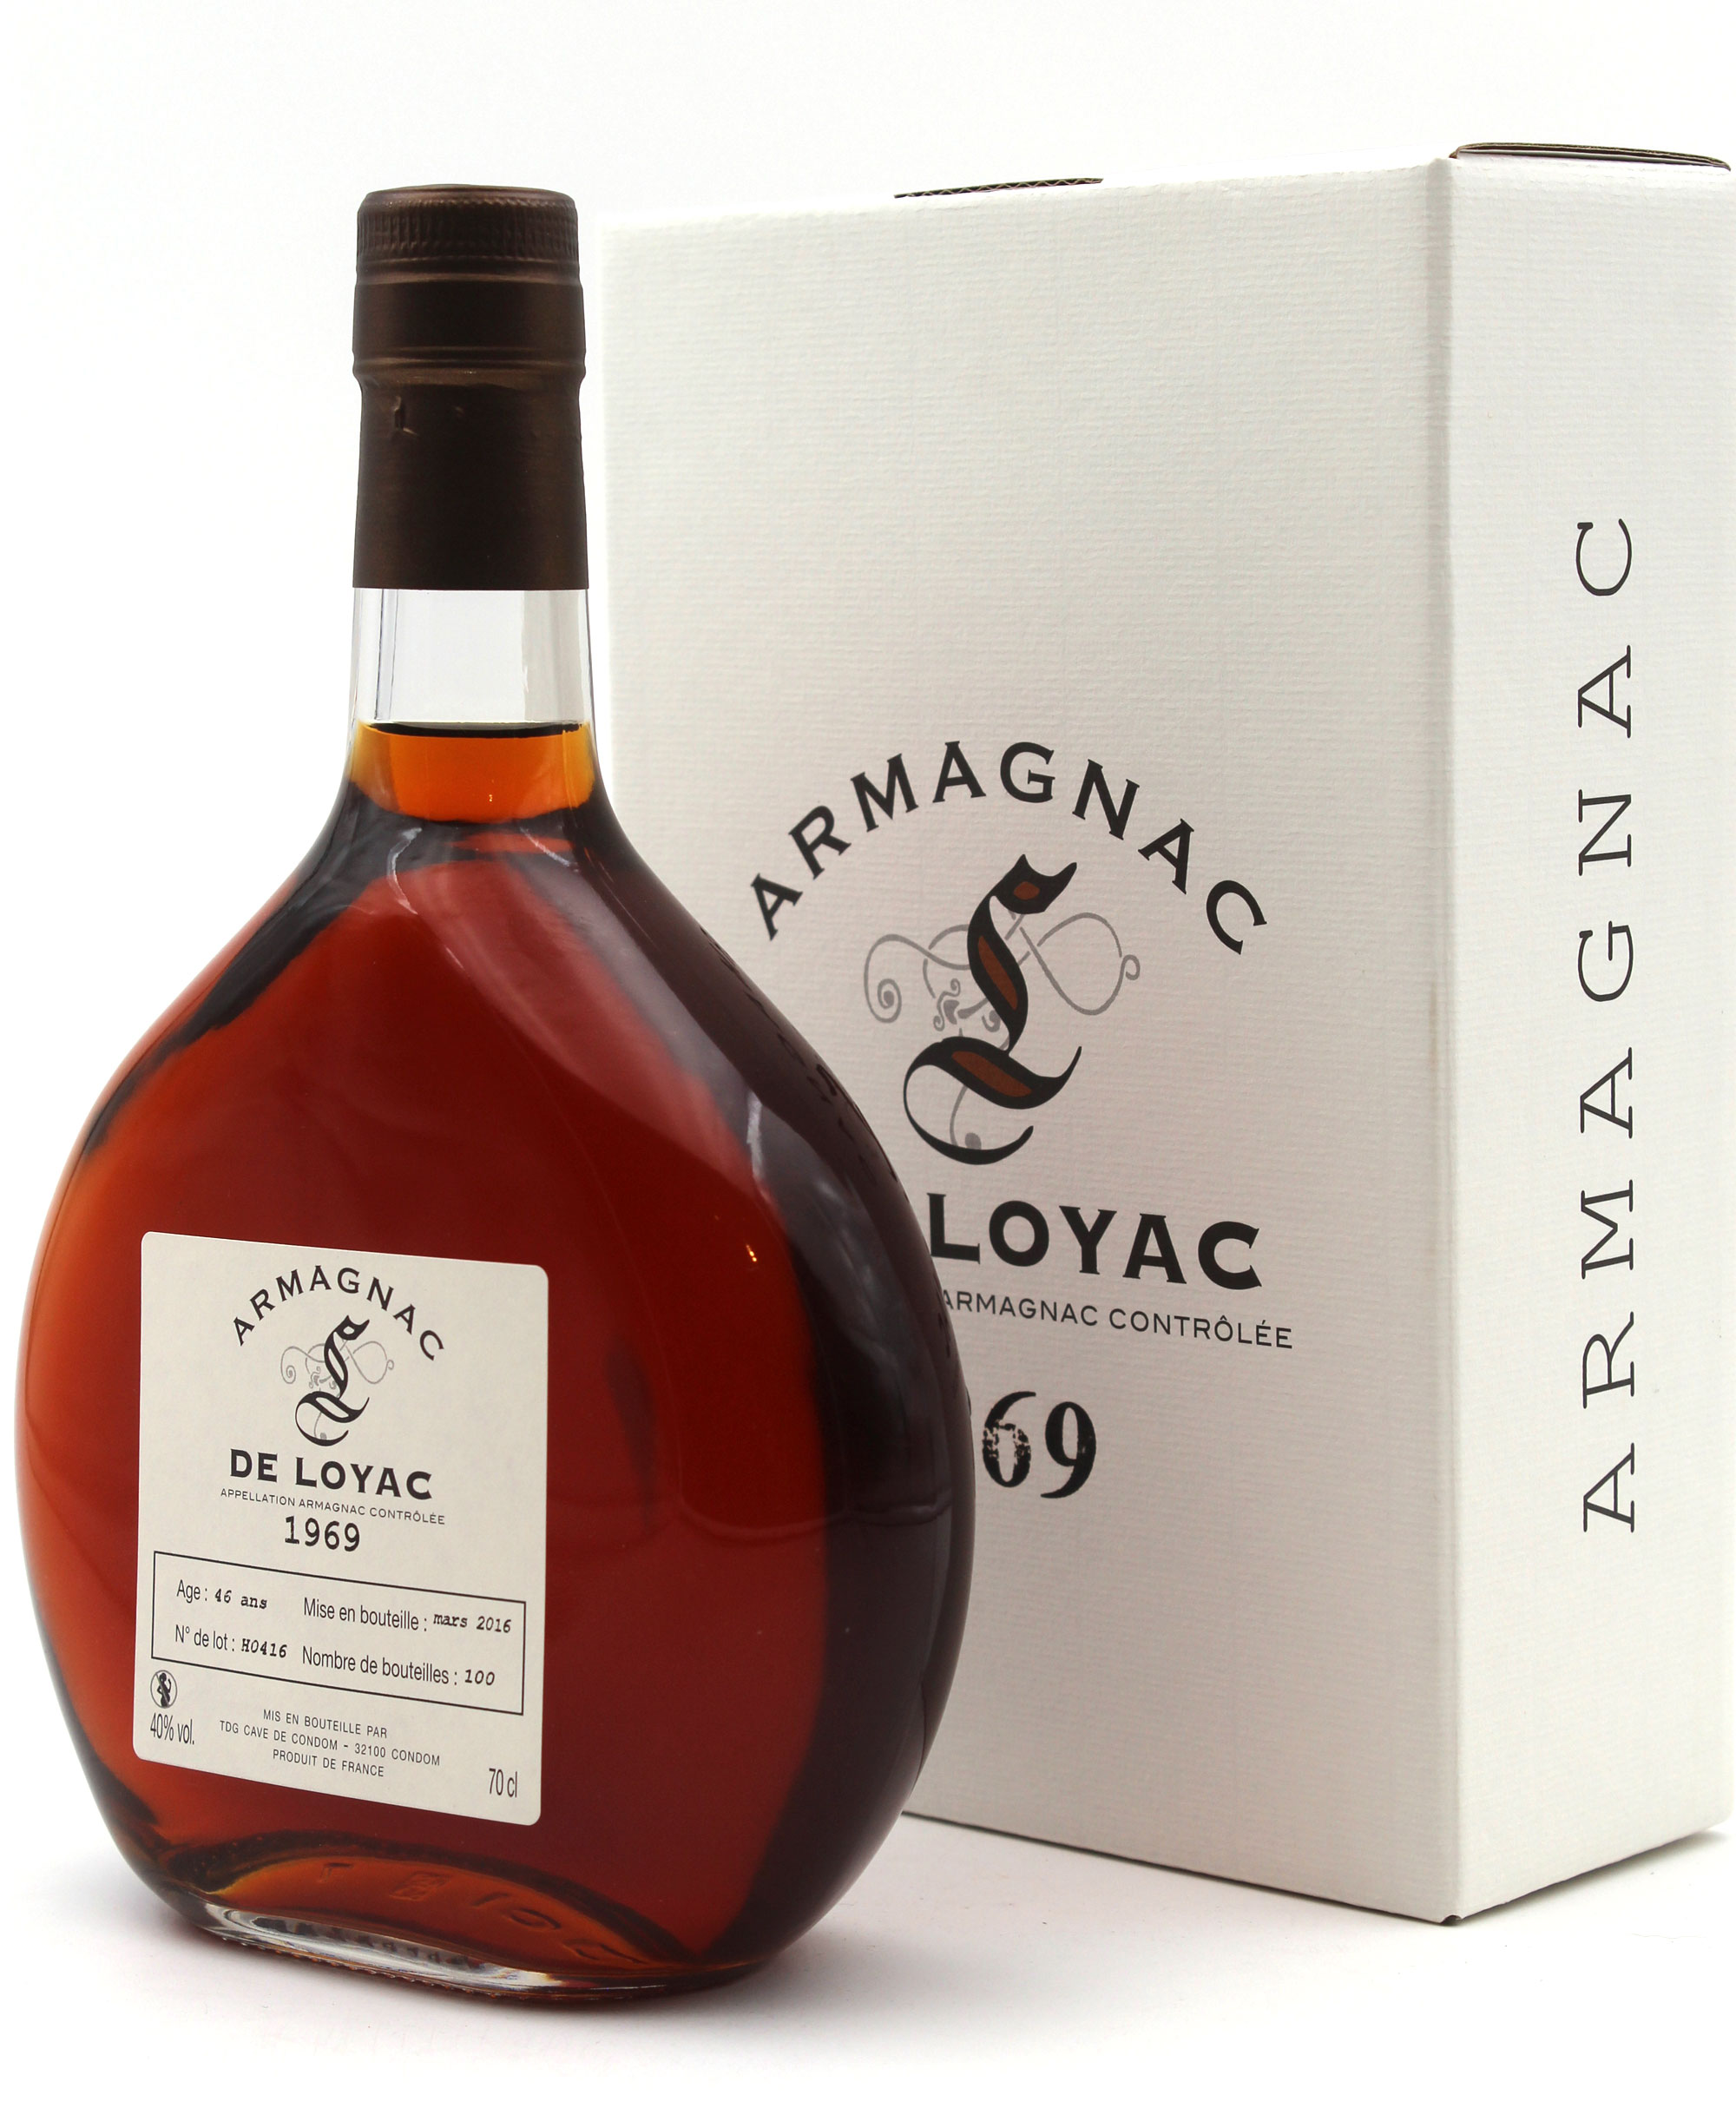 Armagnac De Loyac 1969 70 CL